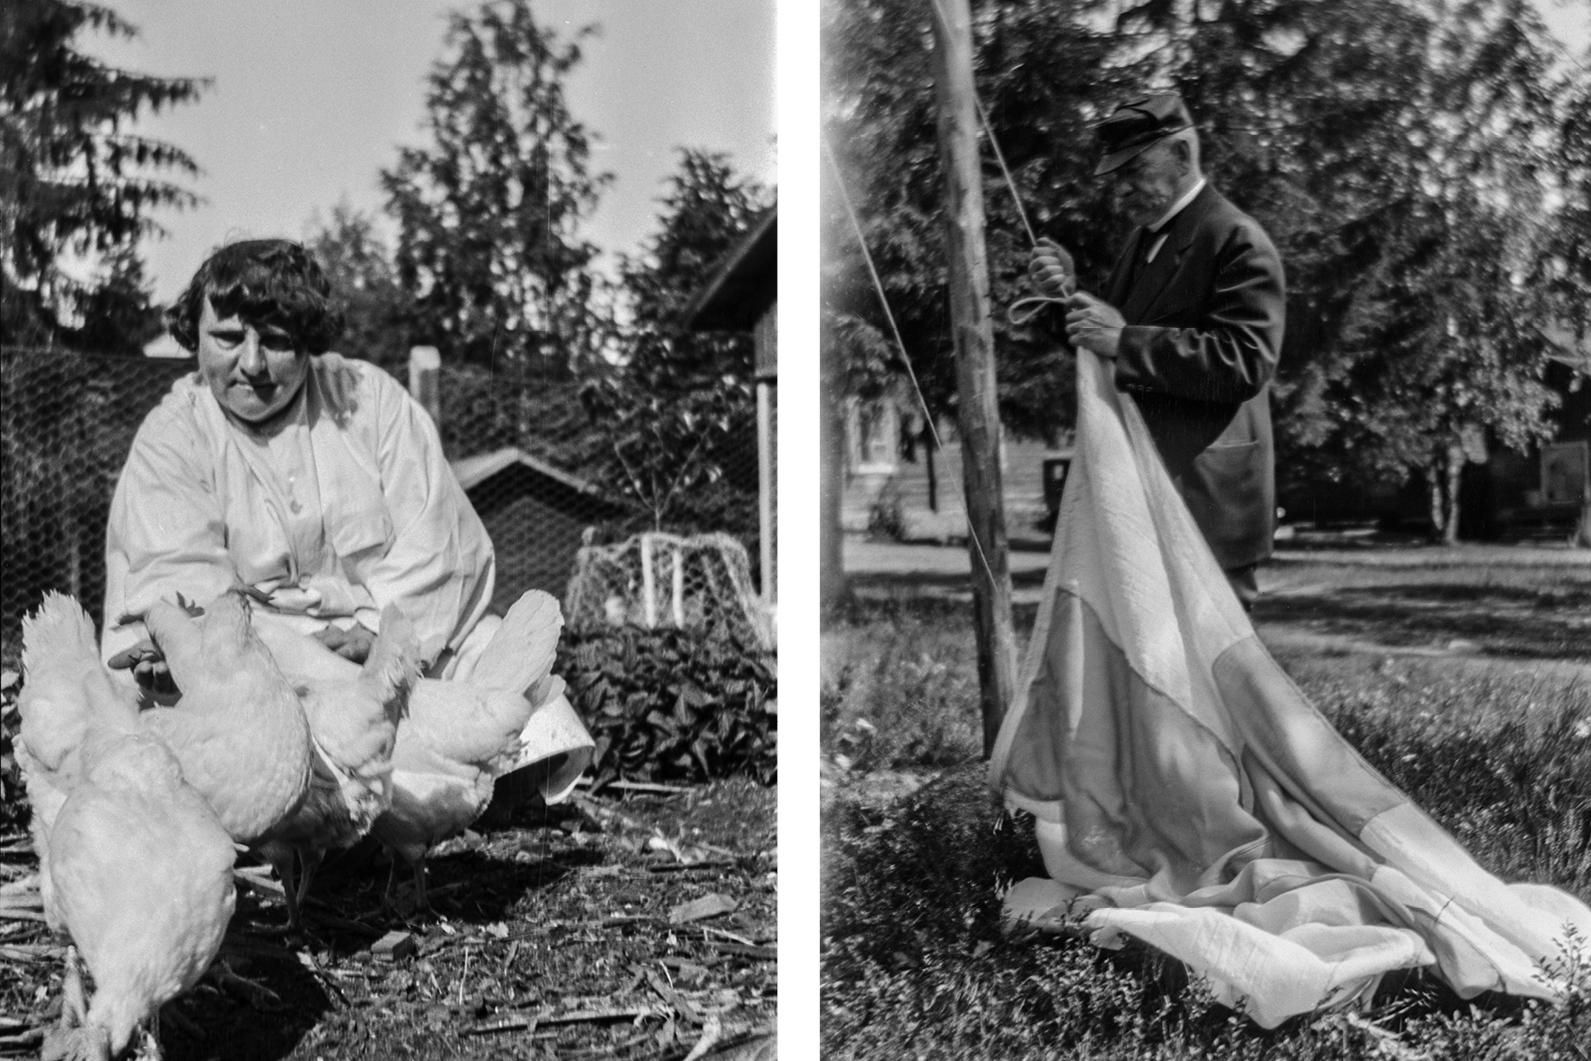 Ellen Svinhufvud vastasi puutarhasta, ryytimaasta, lampaista ja kanoista. Pehr Evind vastasi itsenäisesti lipusta ja kyläläisten lakiavusta.